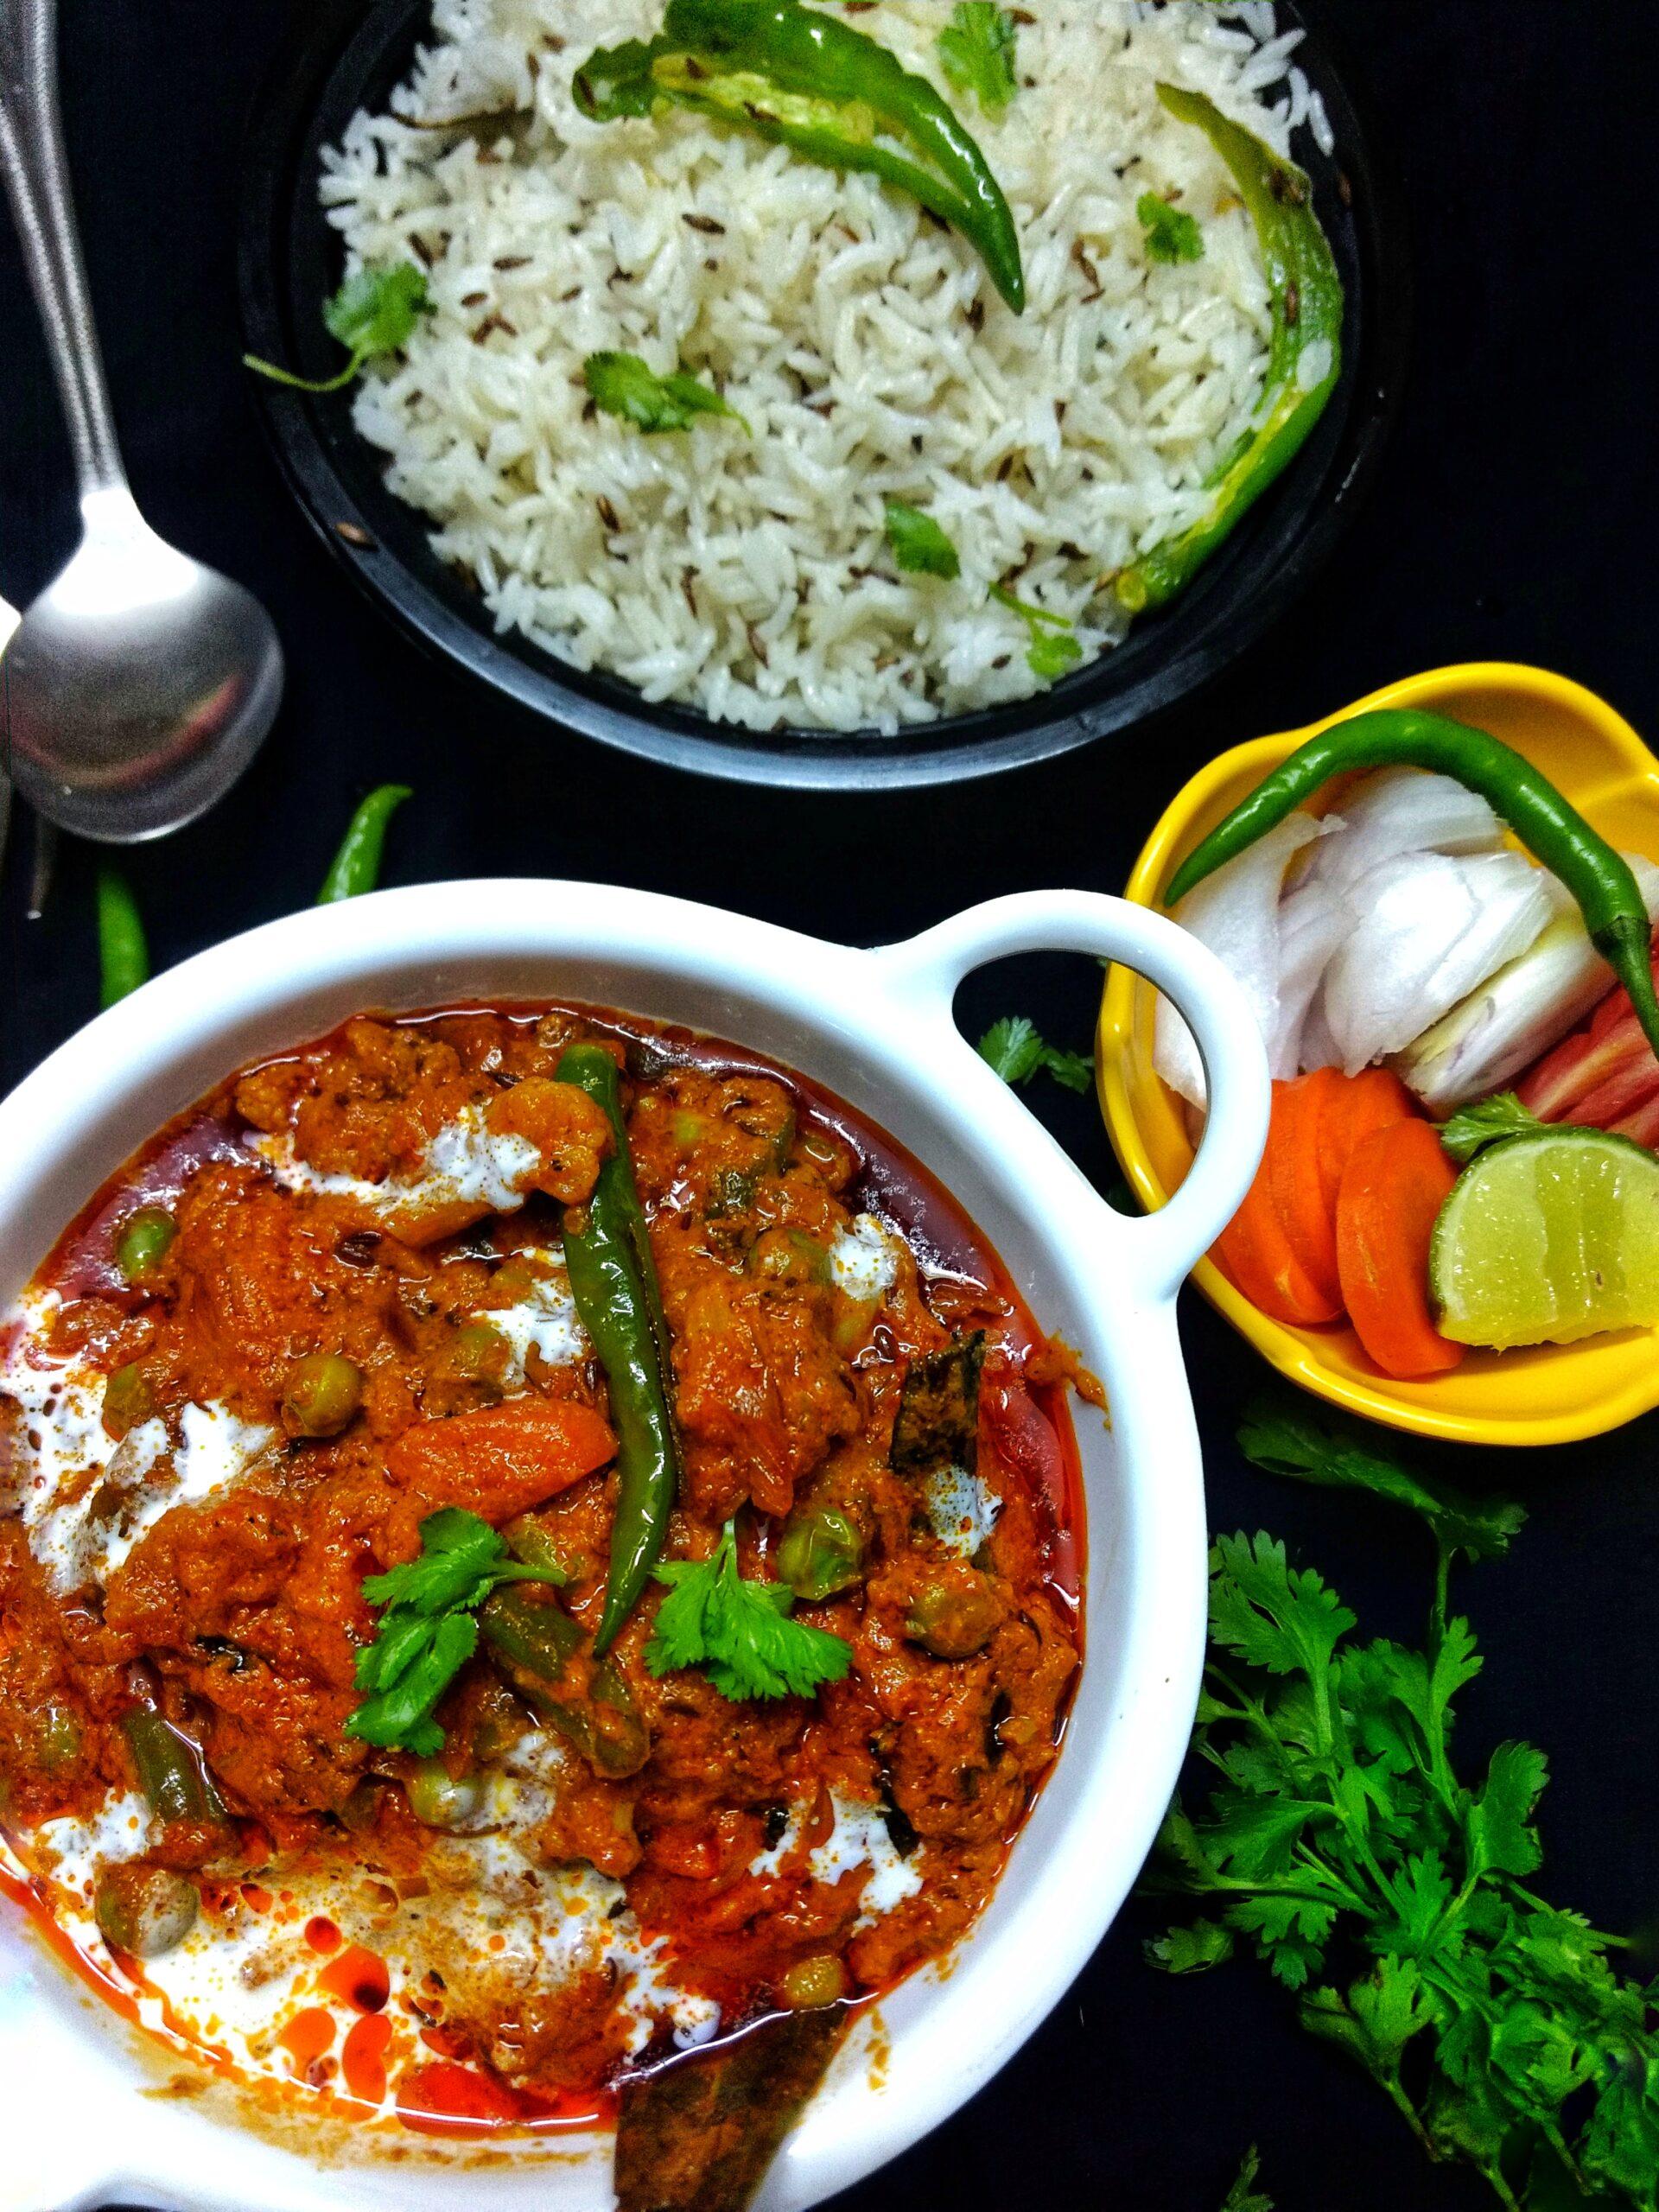 <b>Veg Kholapuri recipe- Restaurant style at home</b>